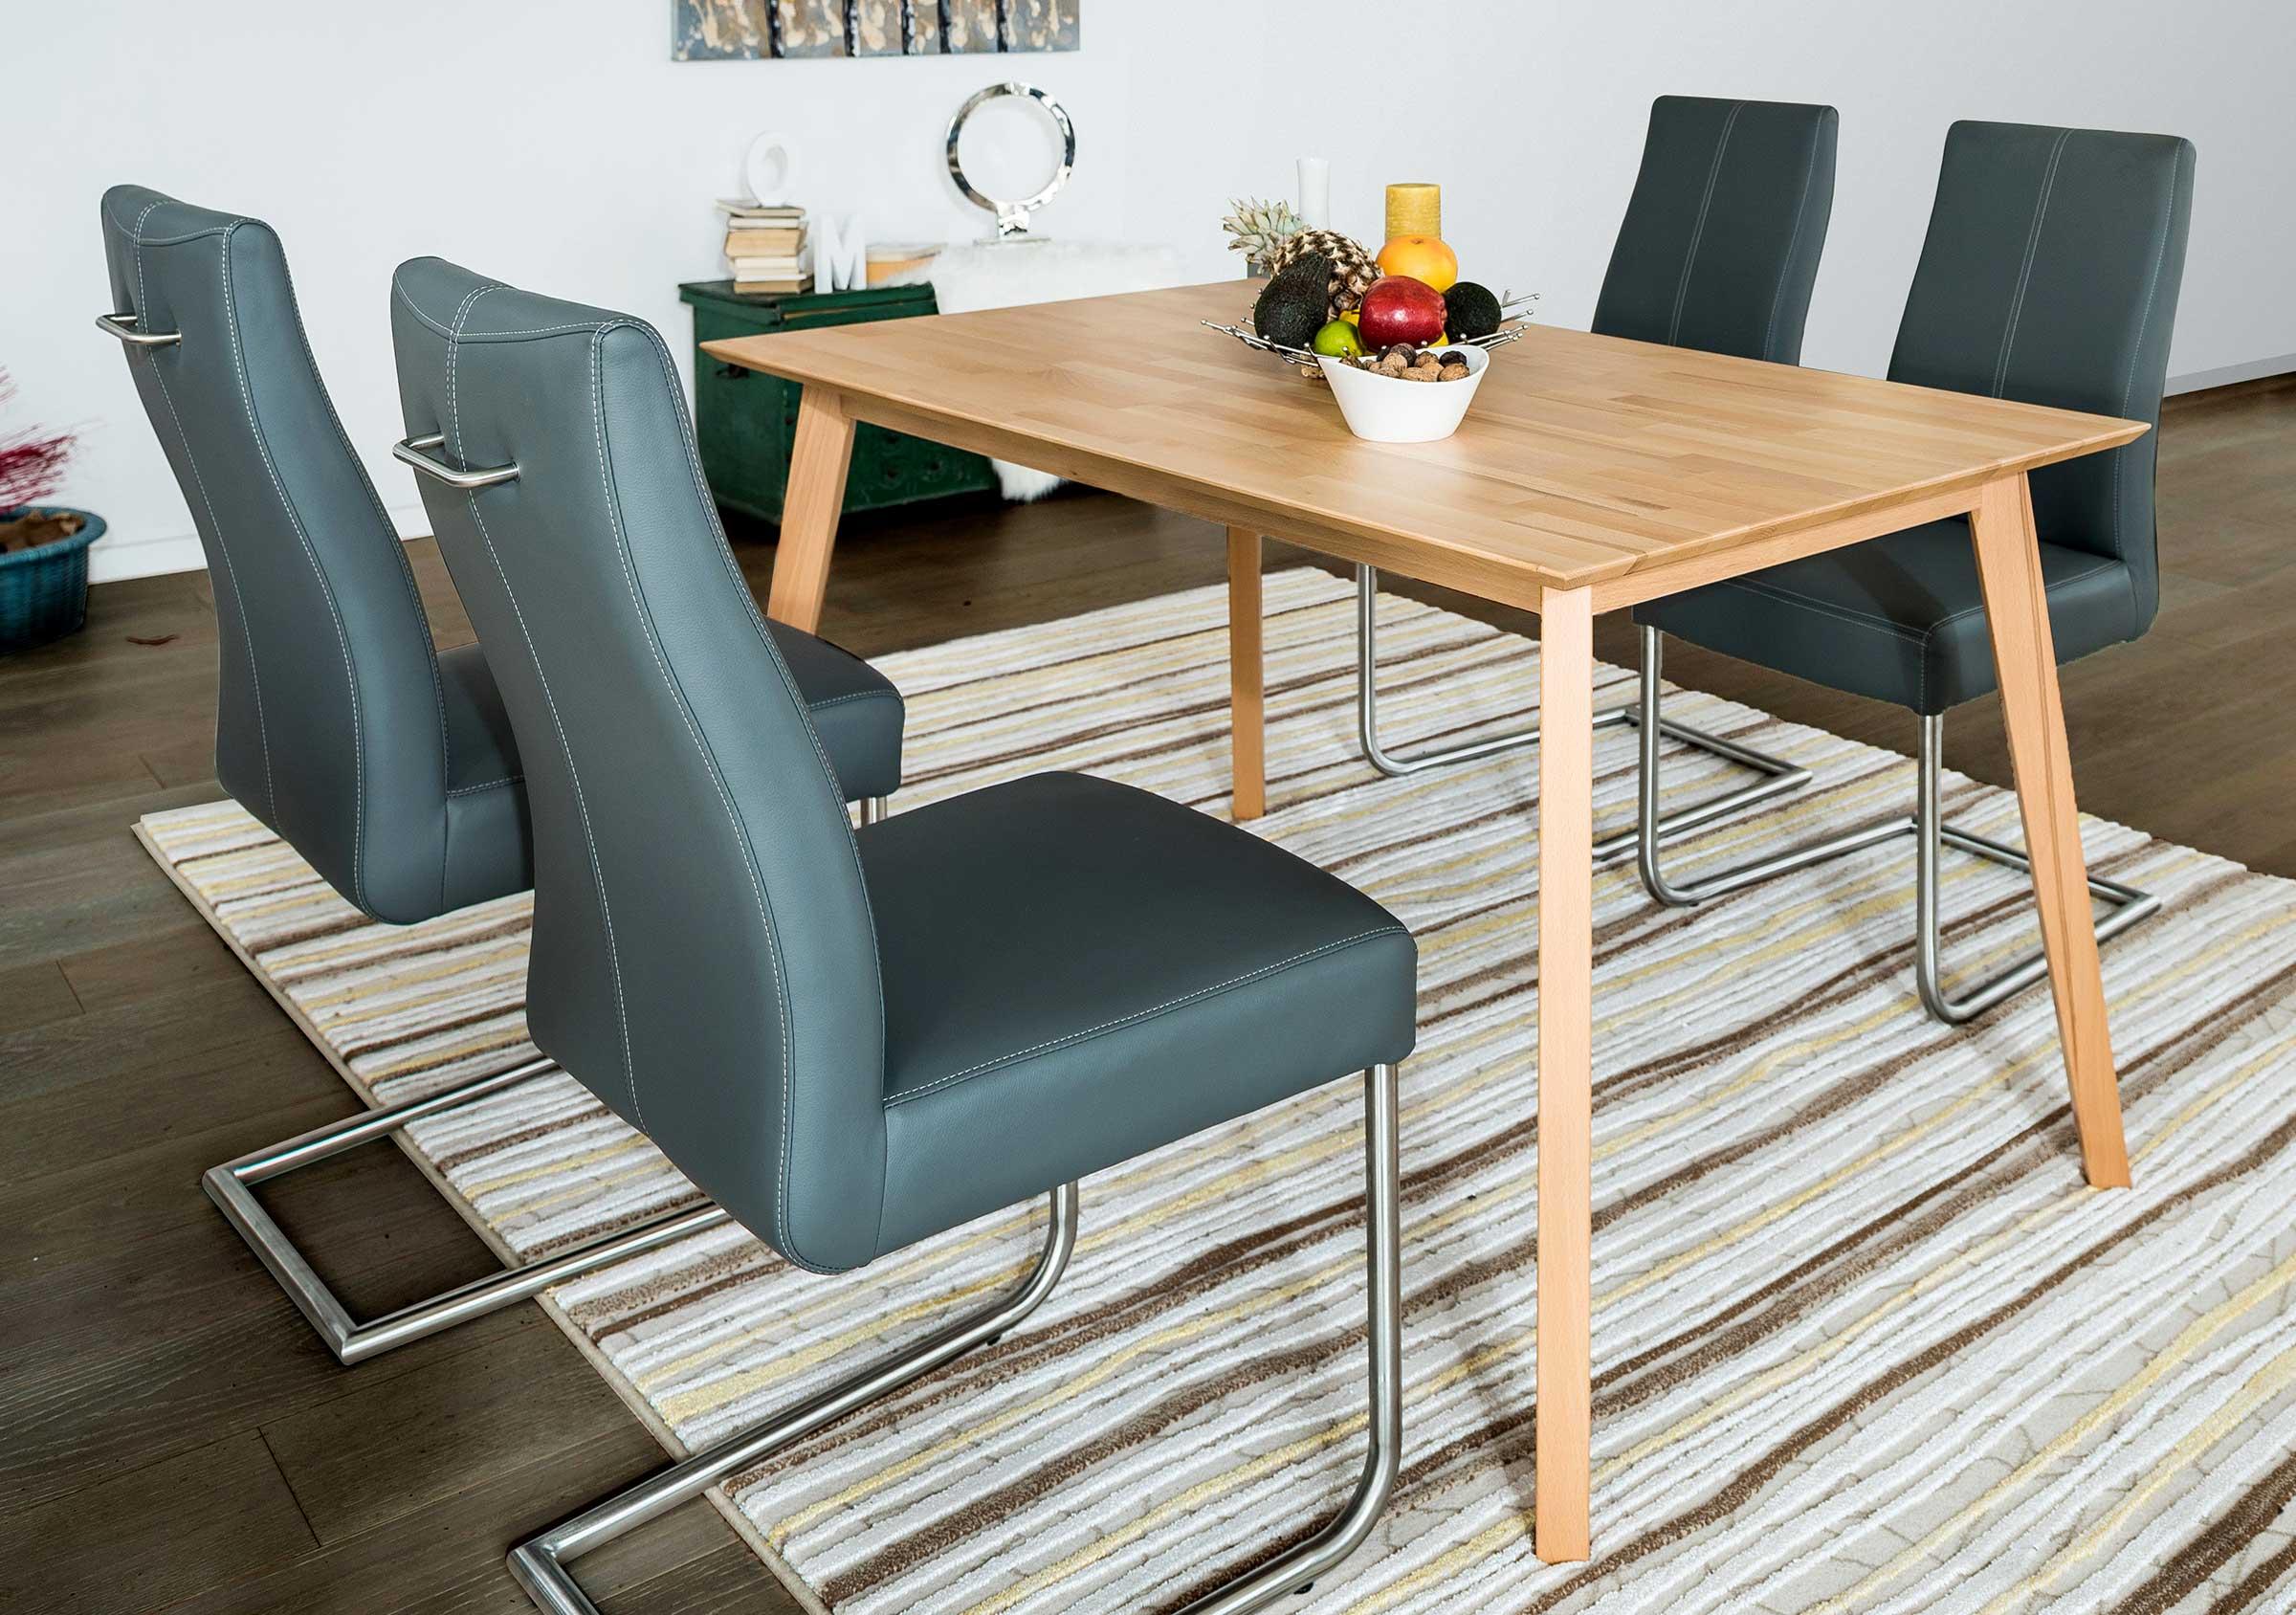 Standard Furniture Vinko Massivholz Esstisch kernbuche / weiß